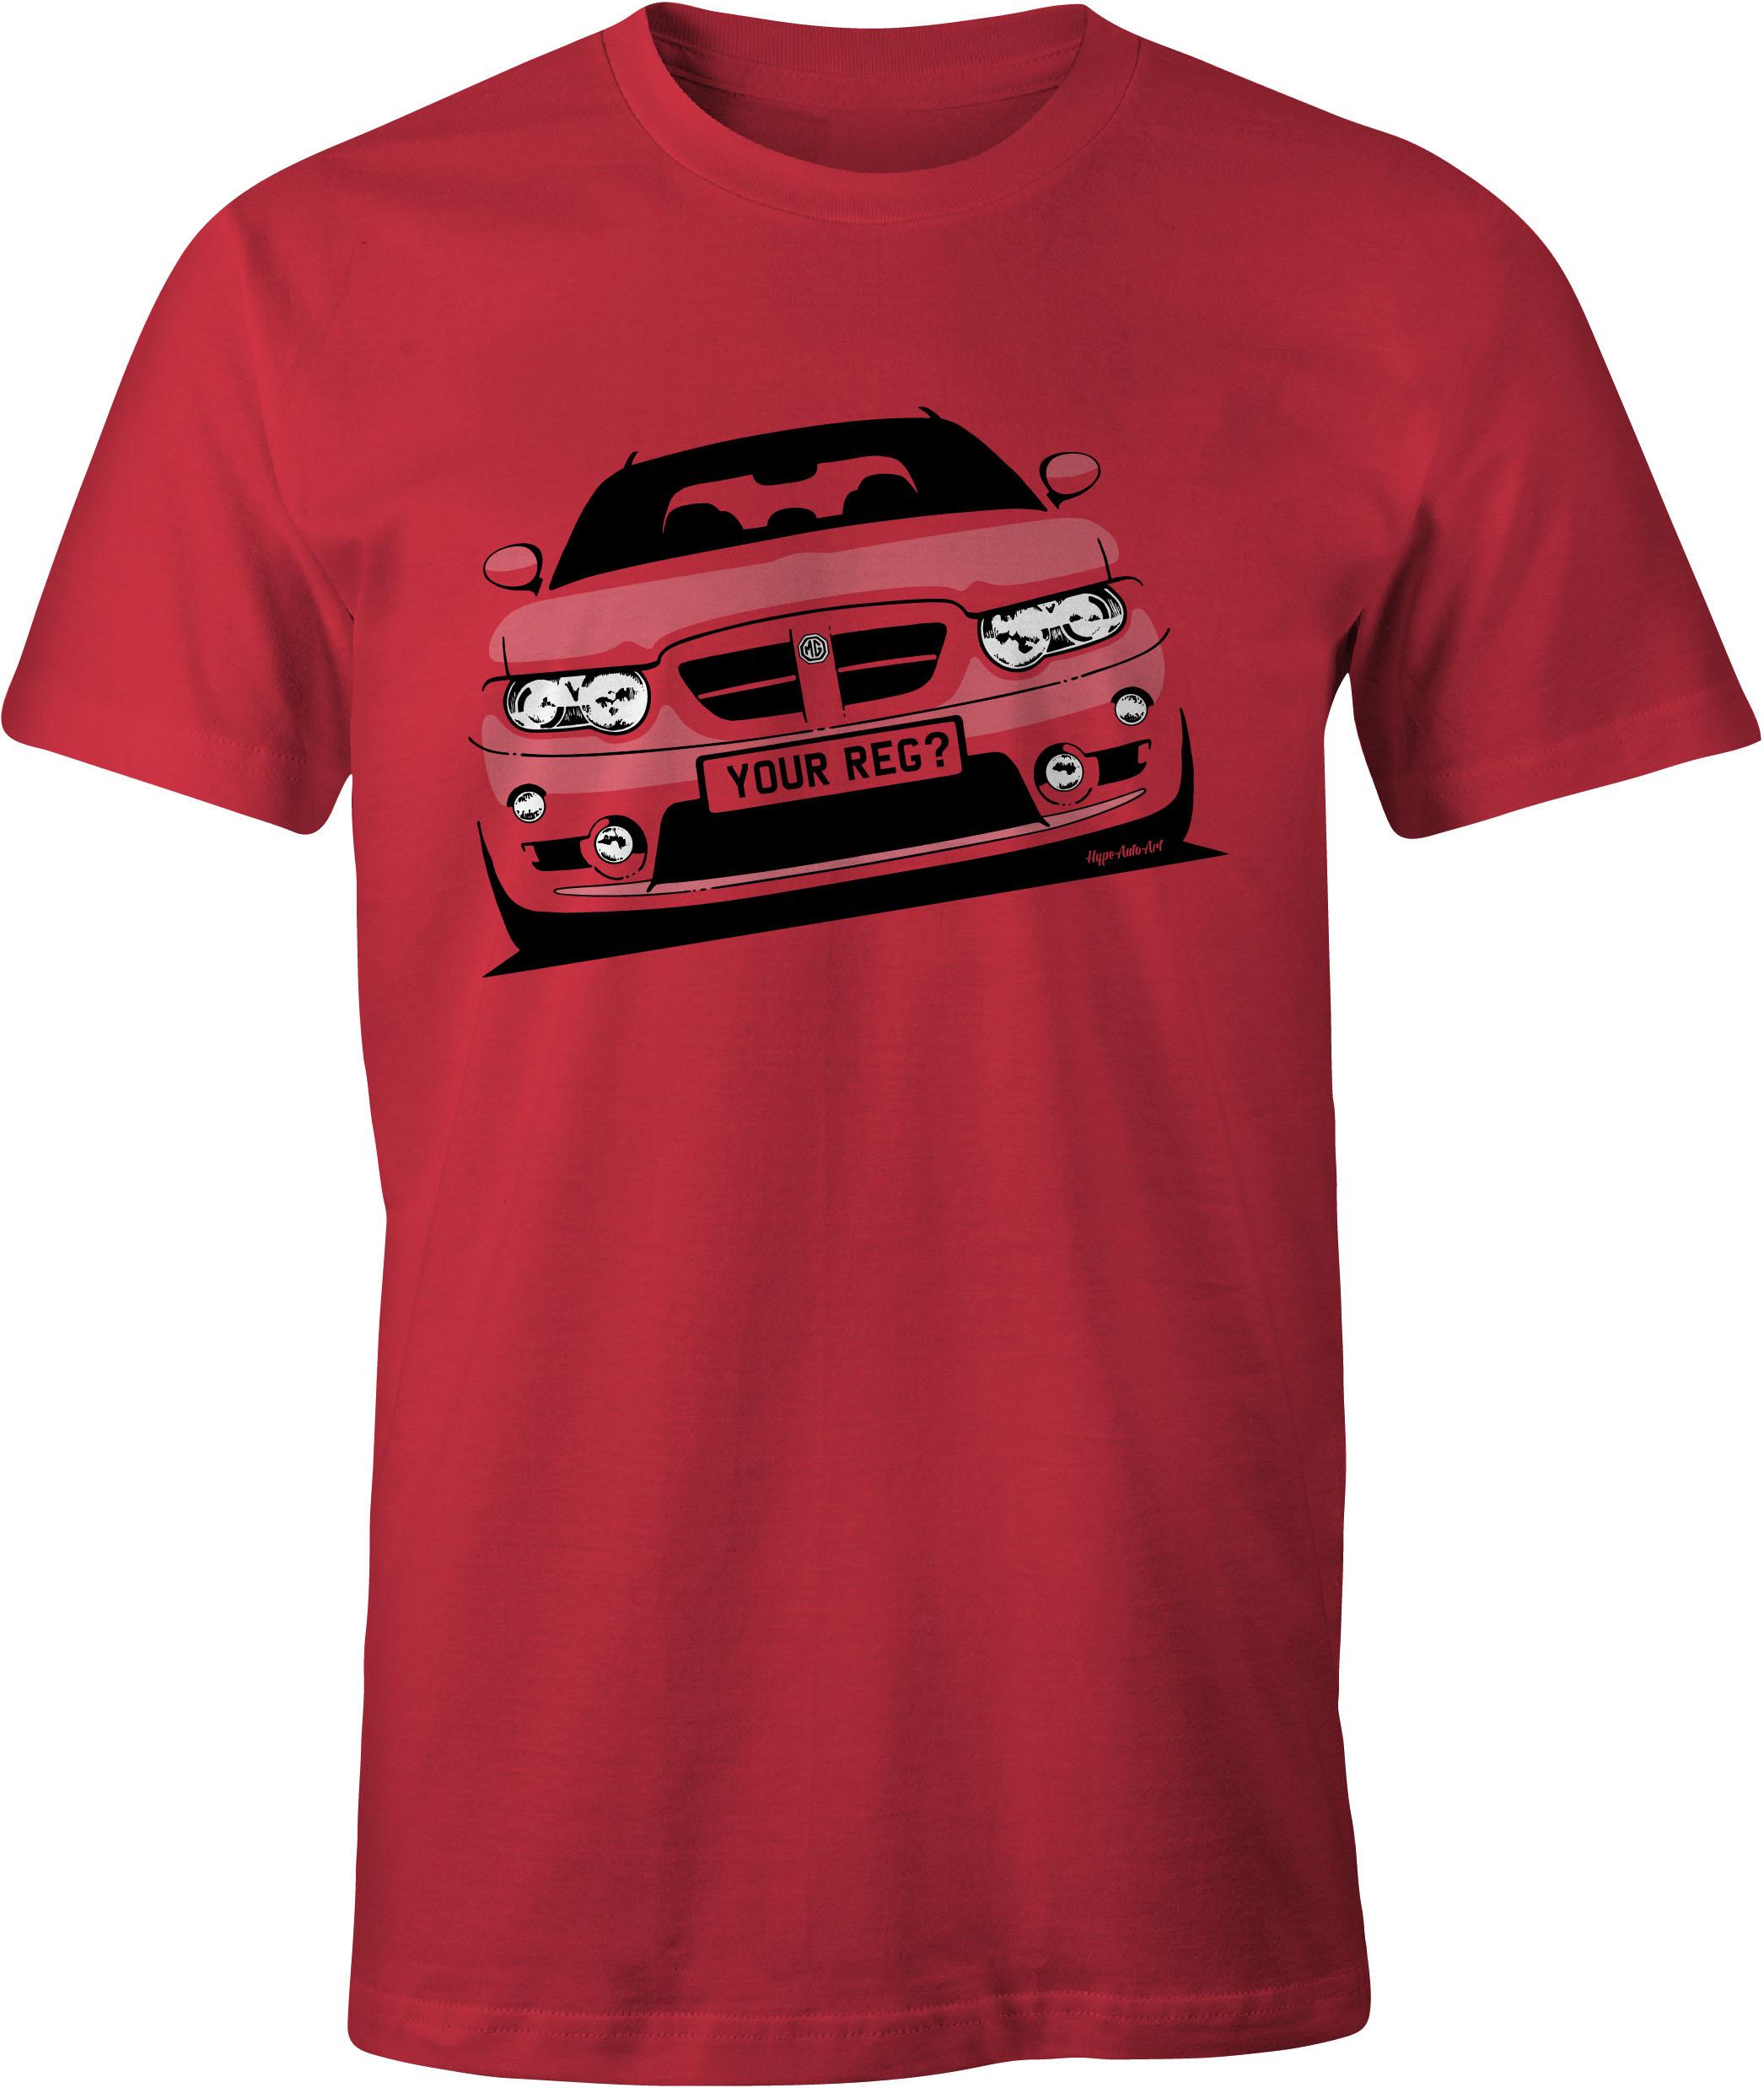 MGZT MK2 Red